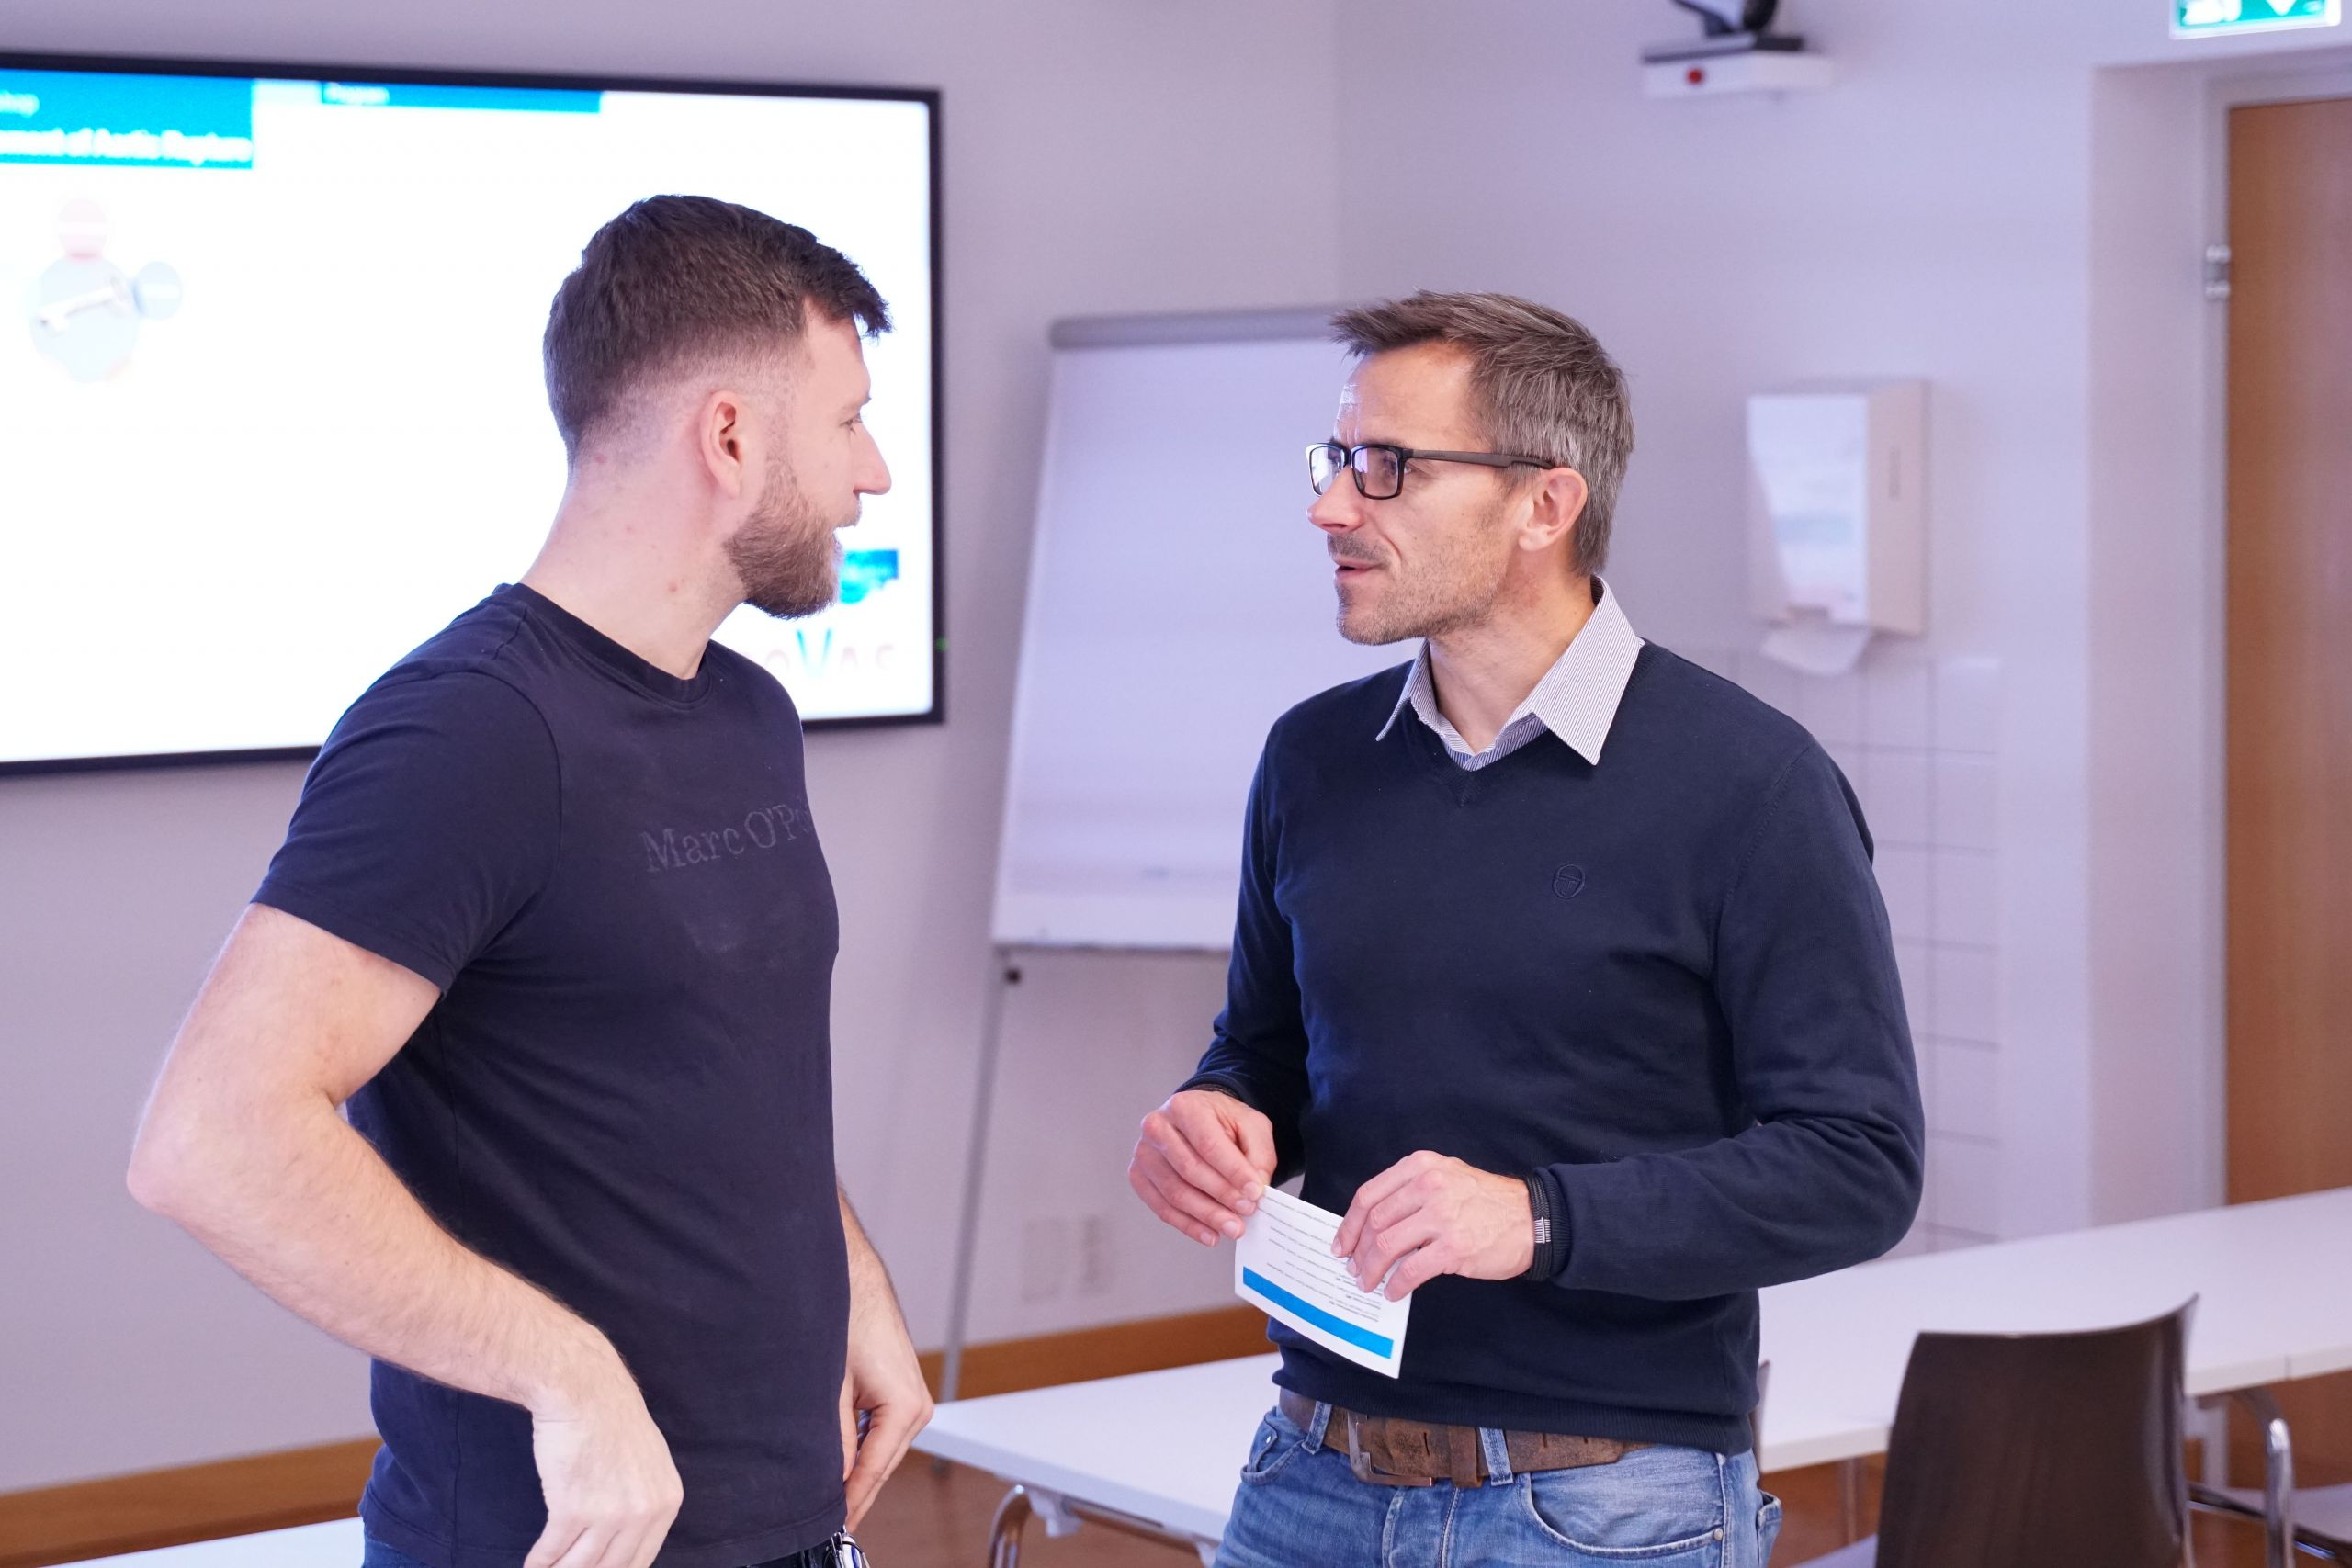 Zwei Männer diskutieren etwas in einem Präsentationsraum